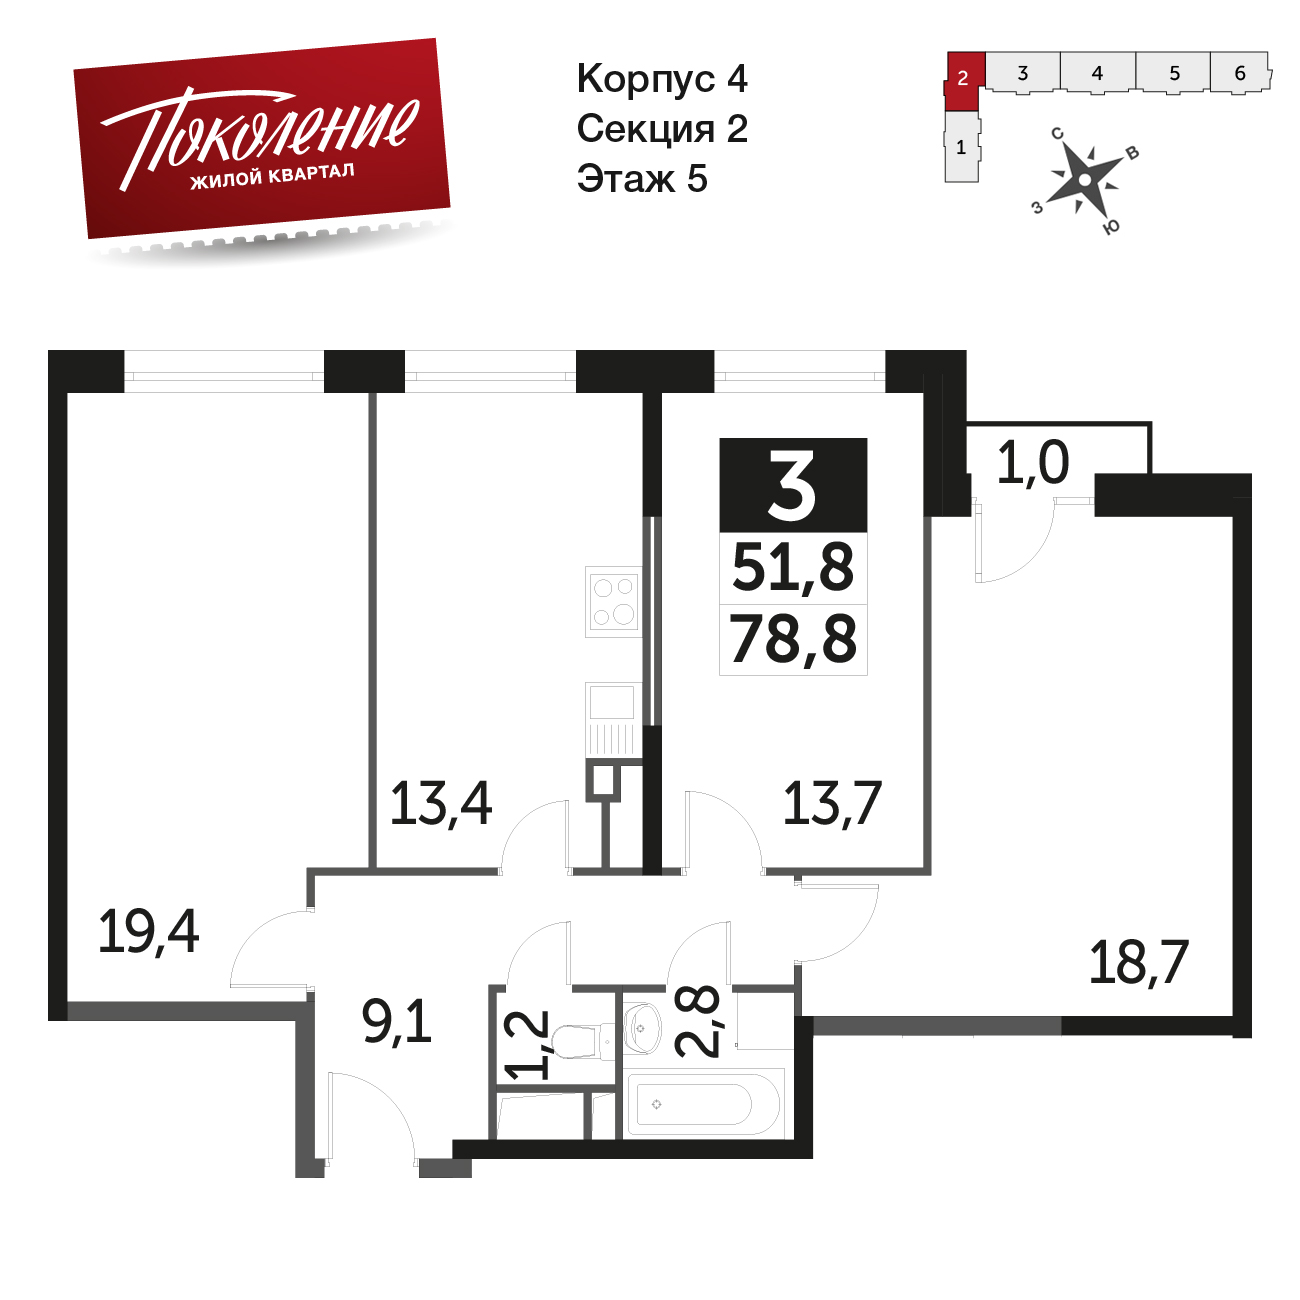 3-комнатная квартира, 78.8м² за 13,2 млн руб.